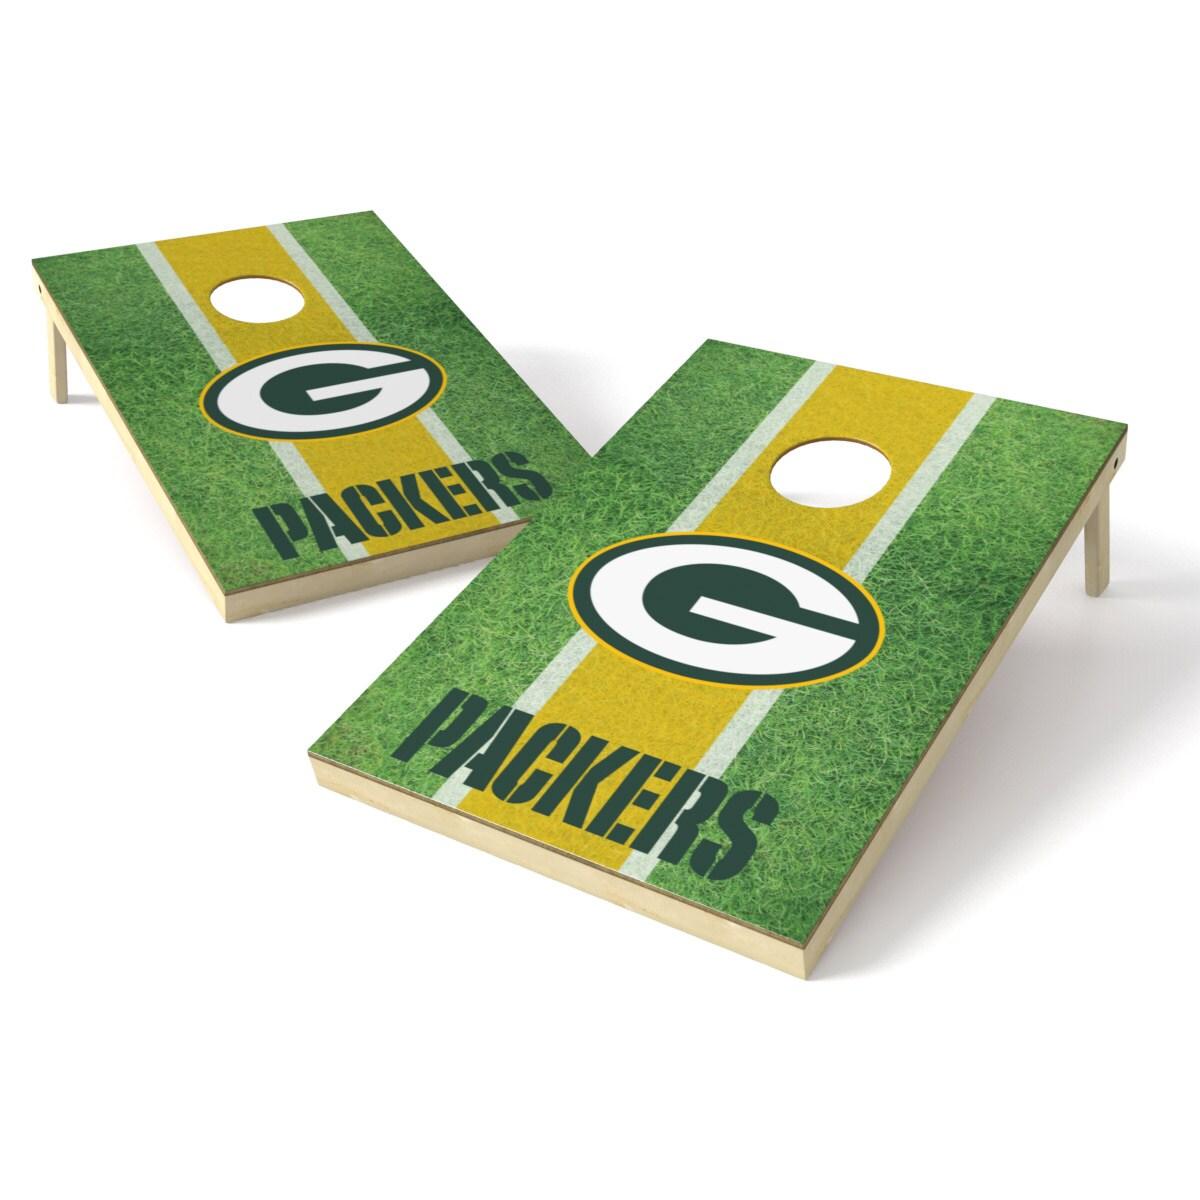 Green Bay Packers 2' x 3' Field Shield Cornhole Board Tailgate Toss Set